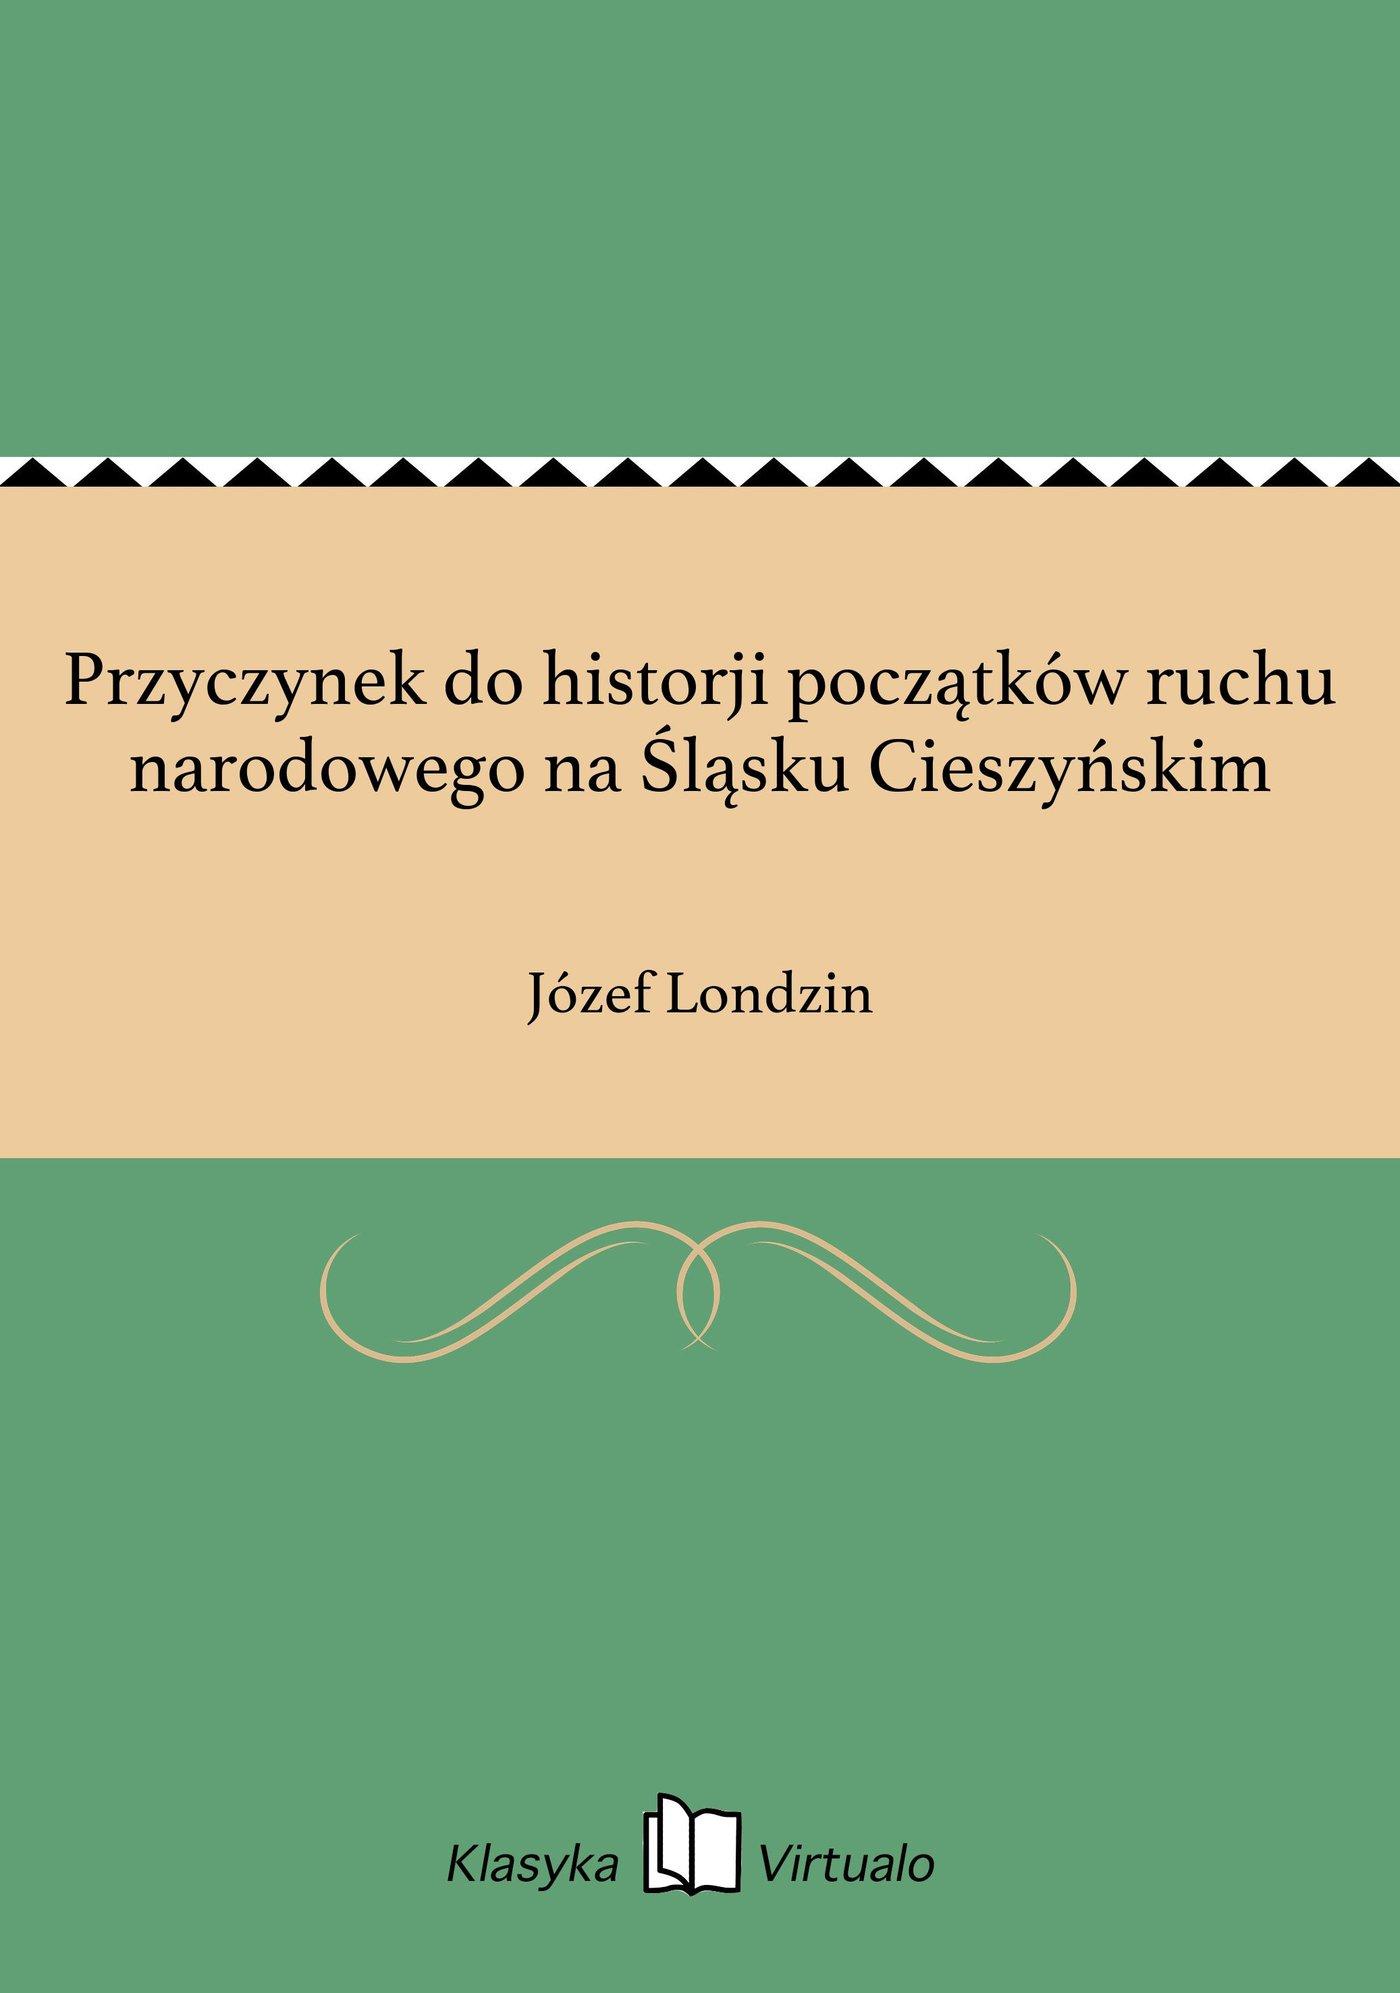 Przyczynek do historji początków ruchu narodowego na Śląsku Cieszyńskim - Ebook (Książka EPUB) do pobrania w formacie EPUB